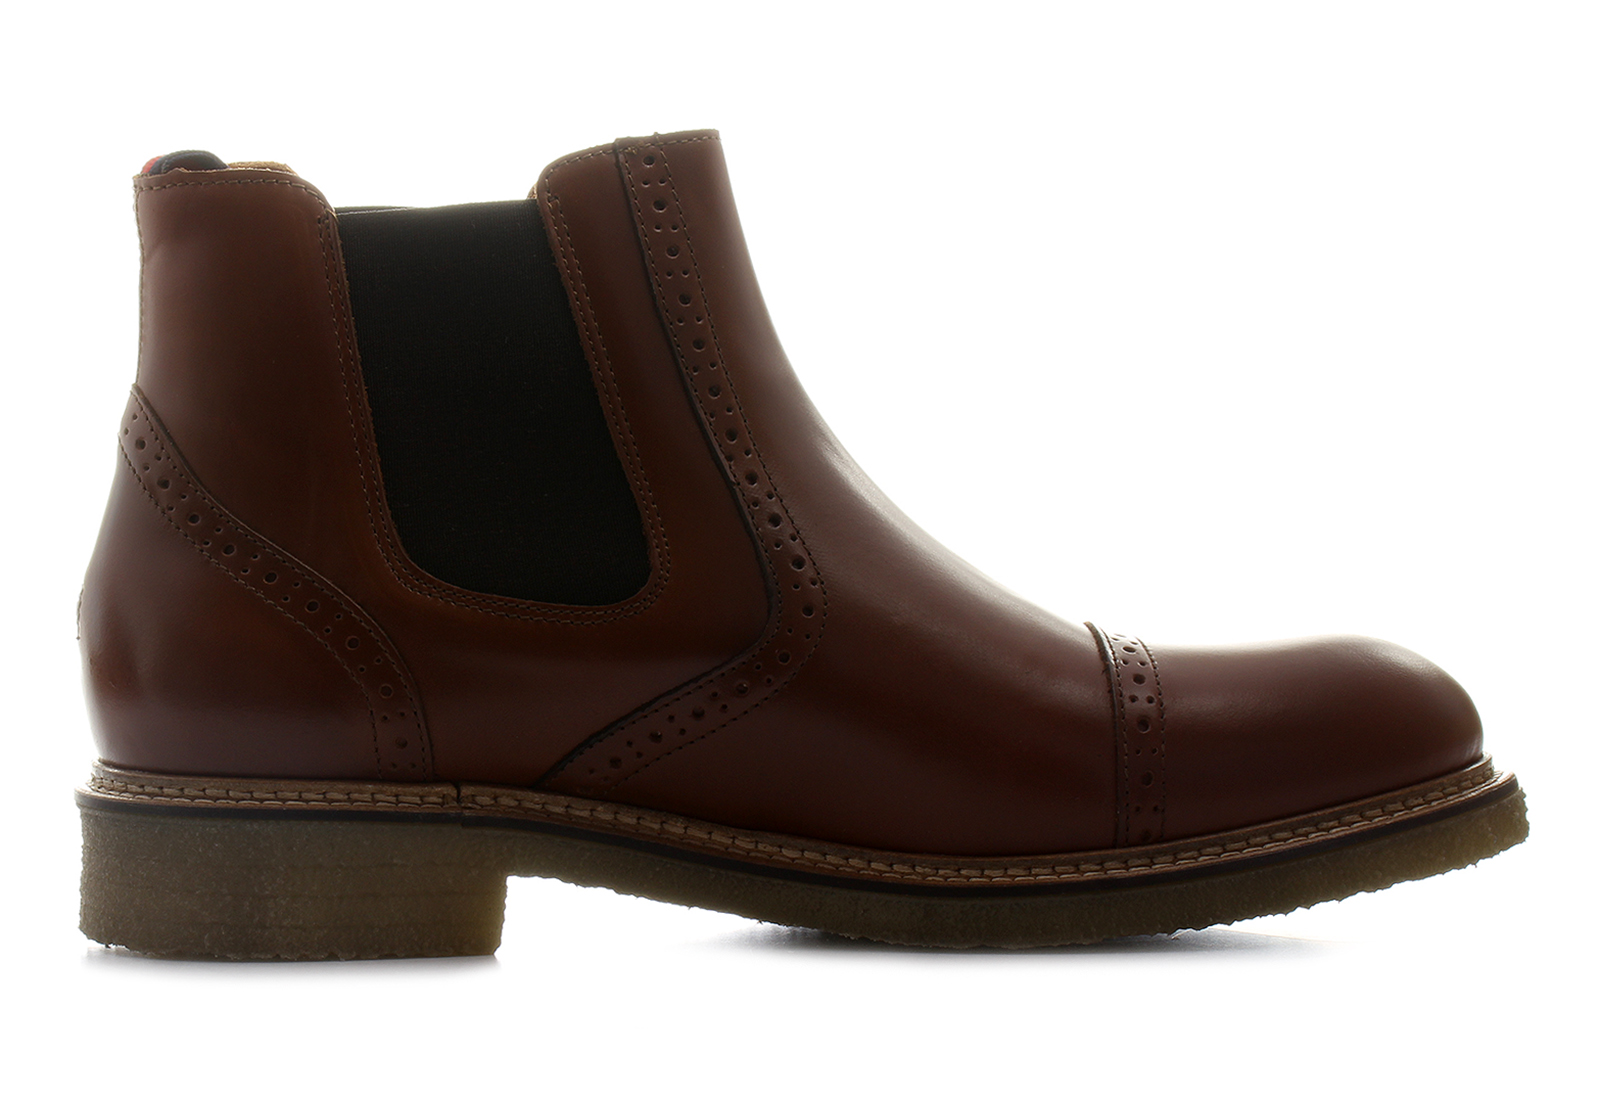 Tommy Hilfiger Bakancs - Barrett 2a - 17F-0977-906 - Office Shoes ... 0f37f5b8a6